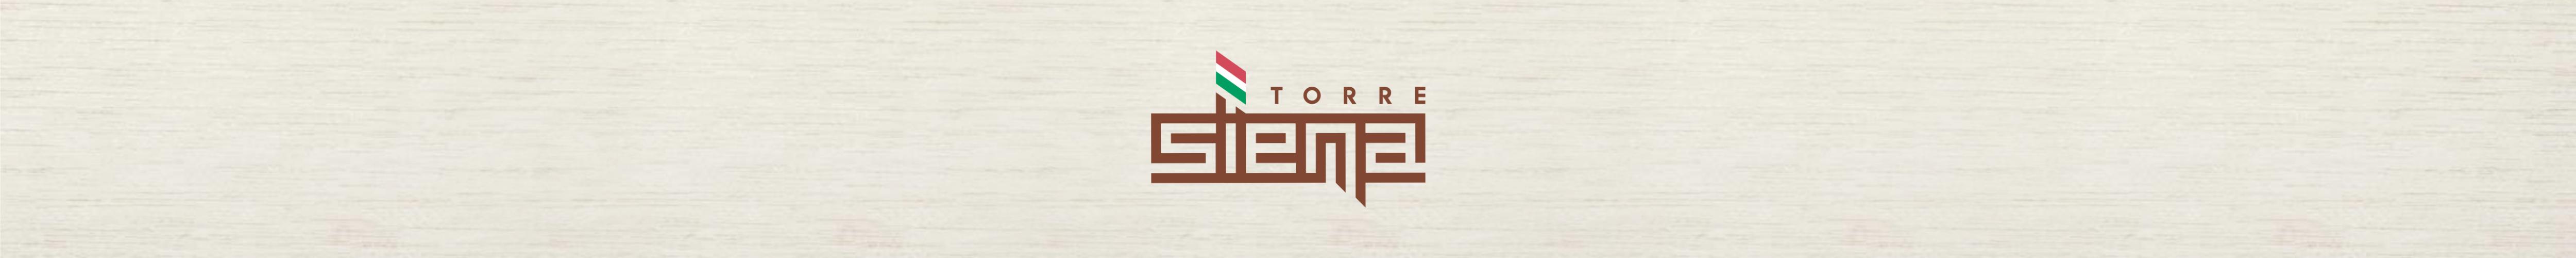 TORRE SIENA